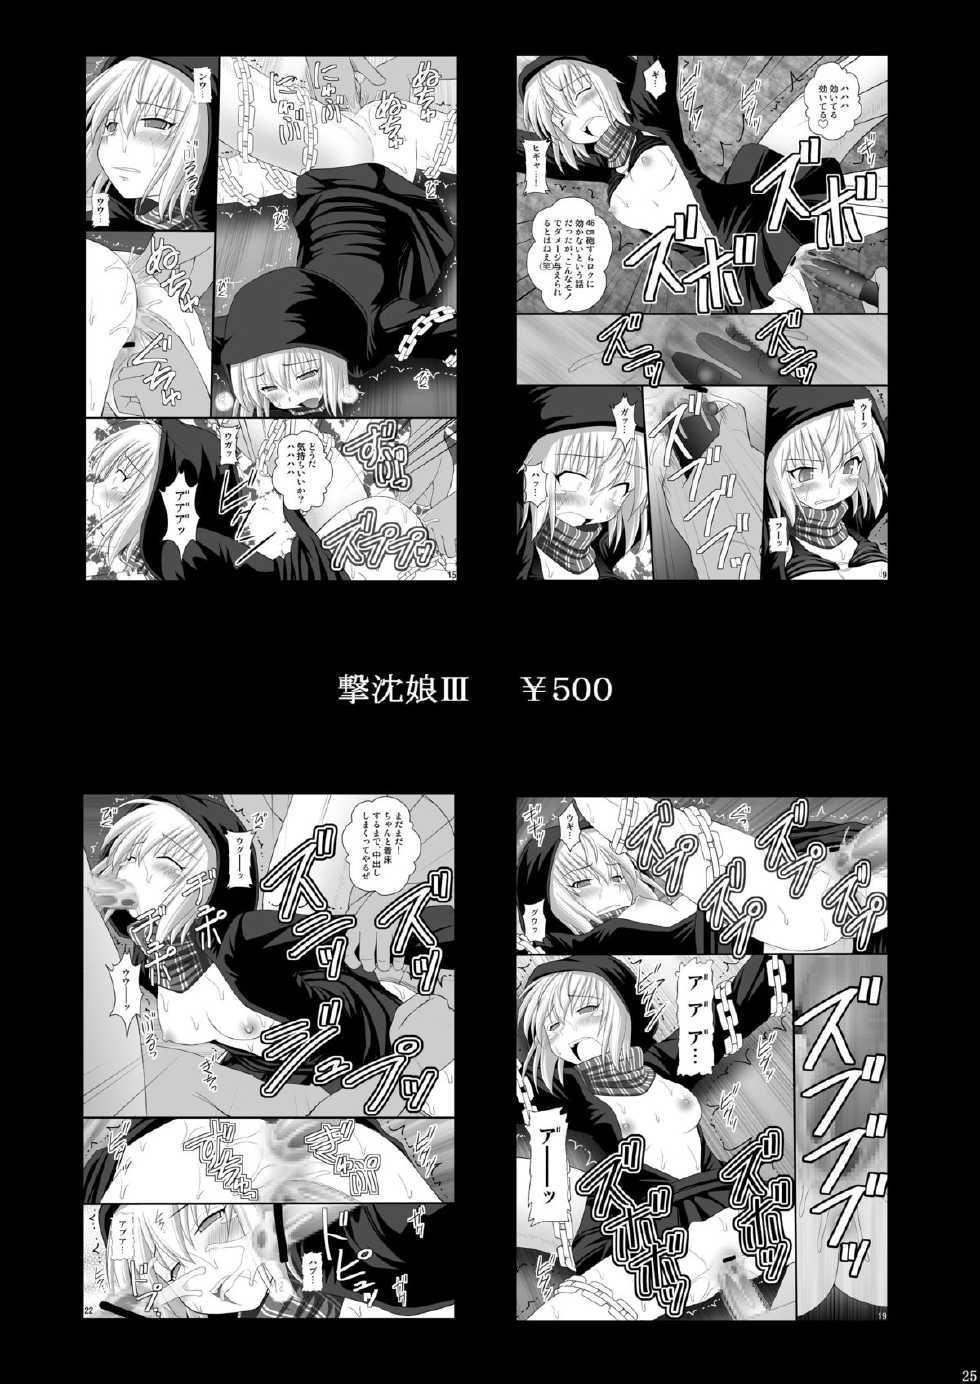 Seishinhoukai Surumade Kusugurimakutte Ryoujoku Shitemiru Test VI & VIII 53